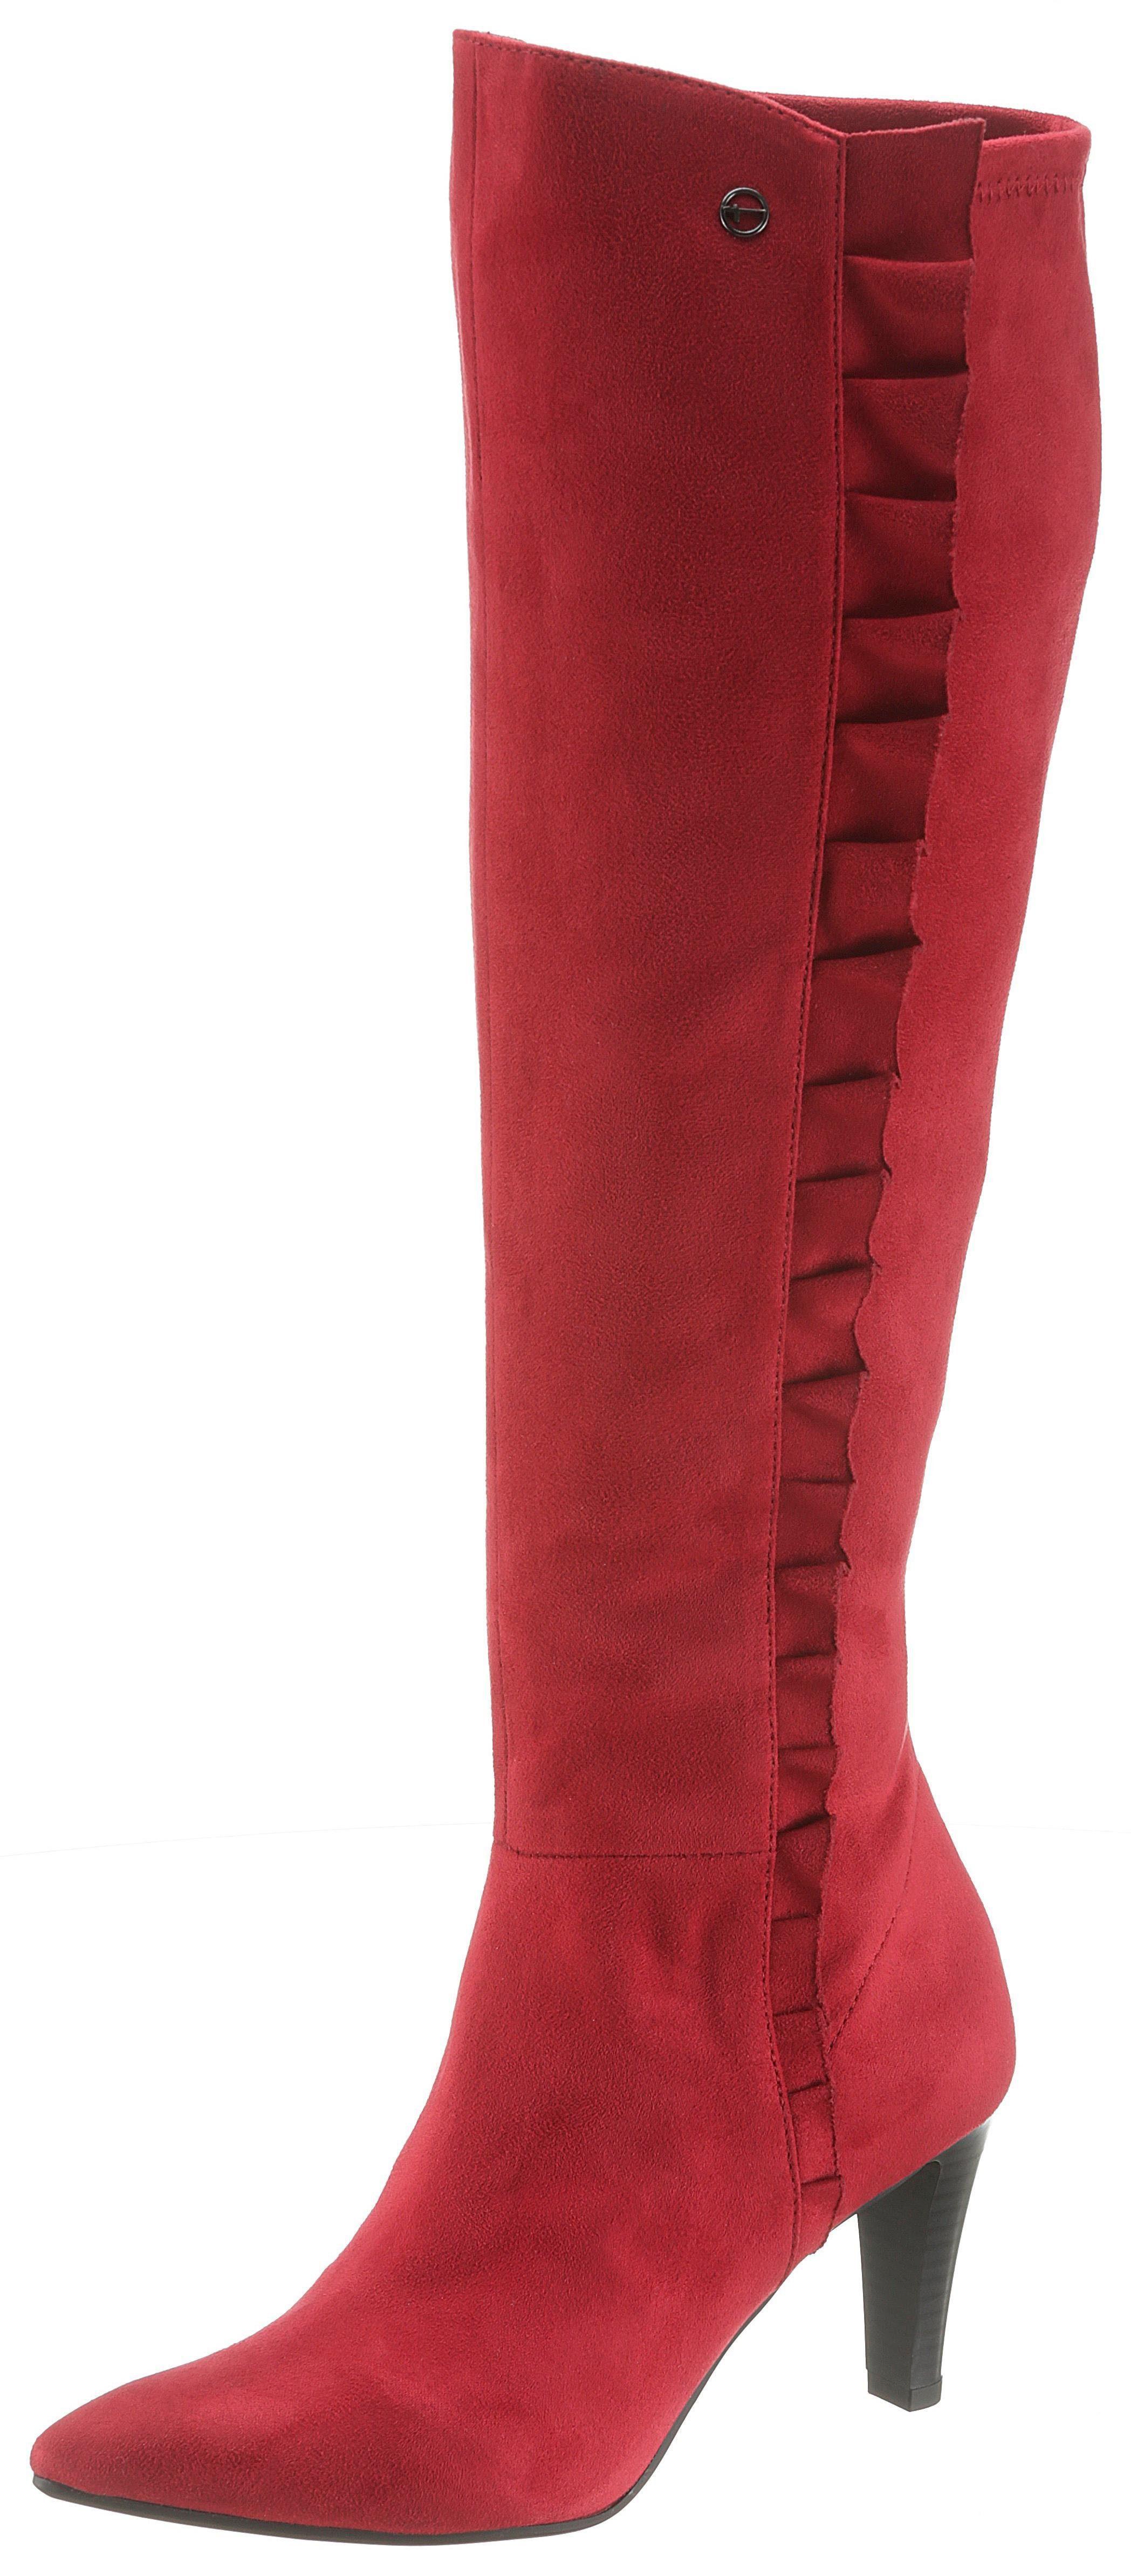 Tamaris Stiefel mit eleganter Rüschenverzierung   OTTO